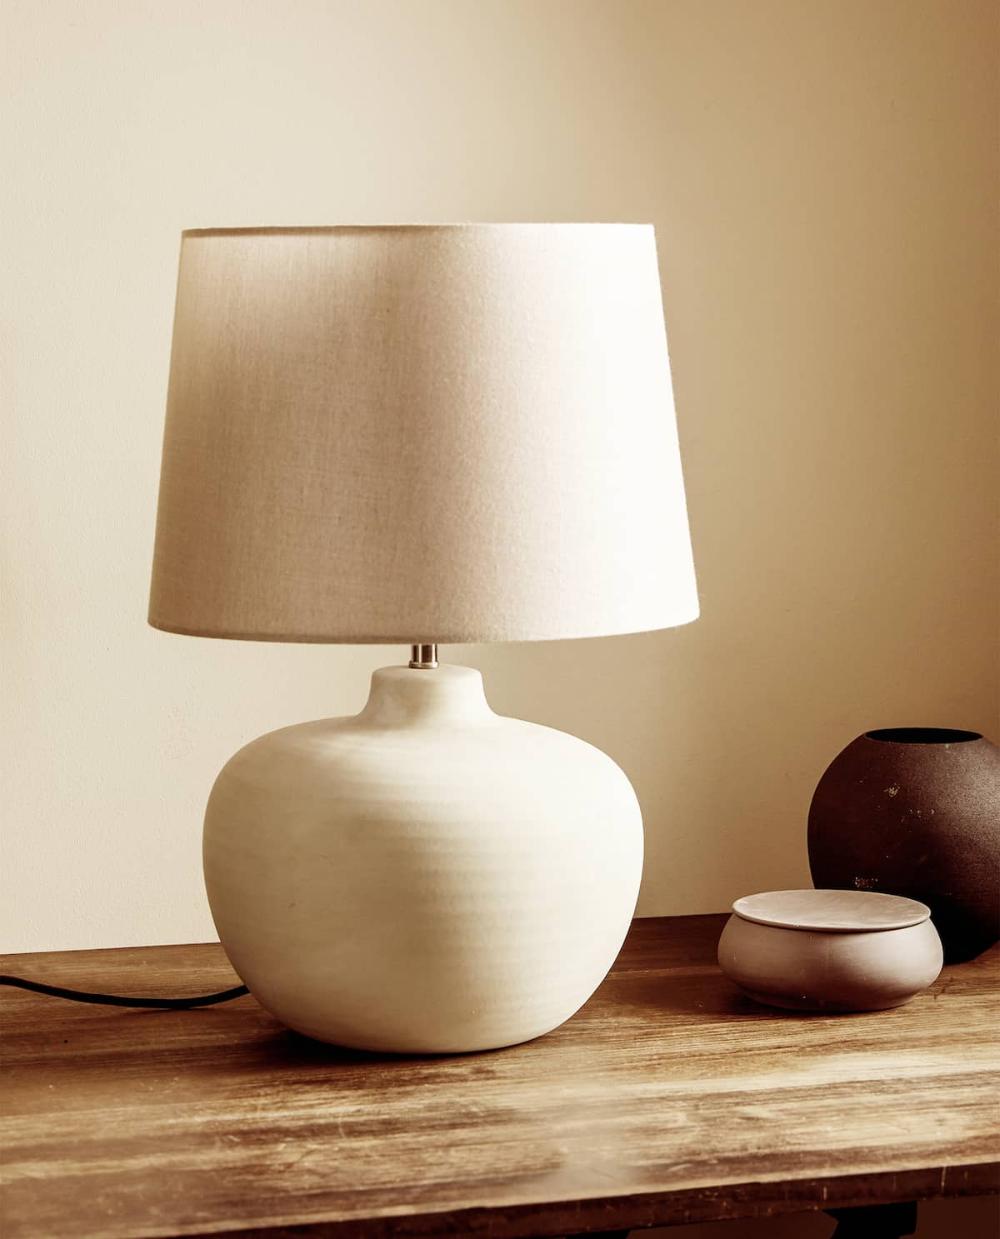 Lampara Base Ceramica79 99 Ref 8988 047 En 2020 Zara Home Lampara Dormitorios